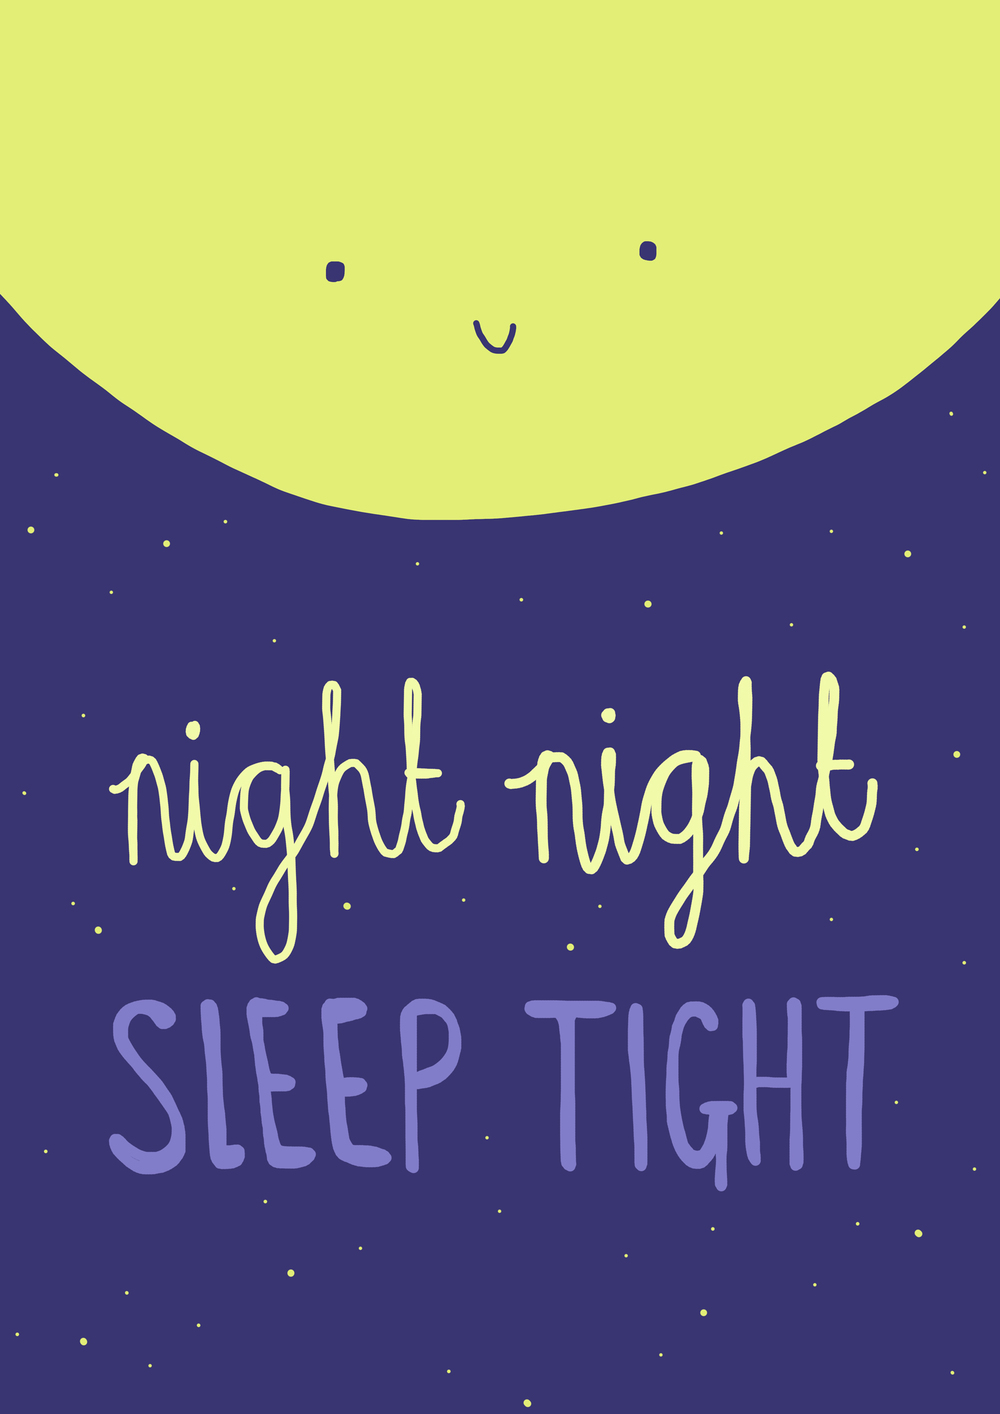 night_night.jpg